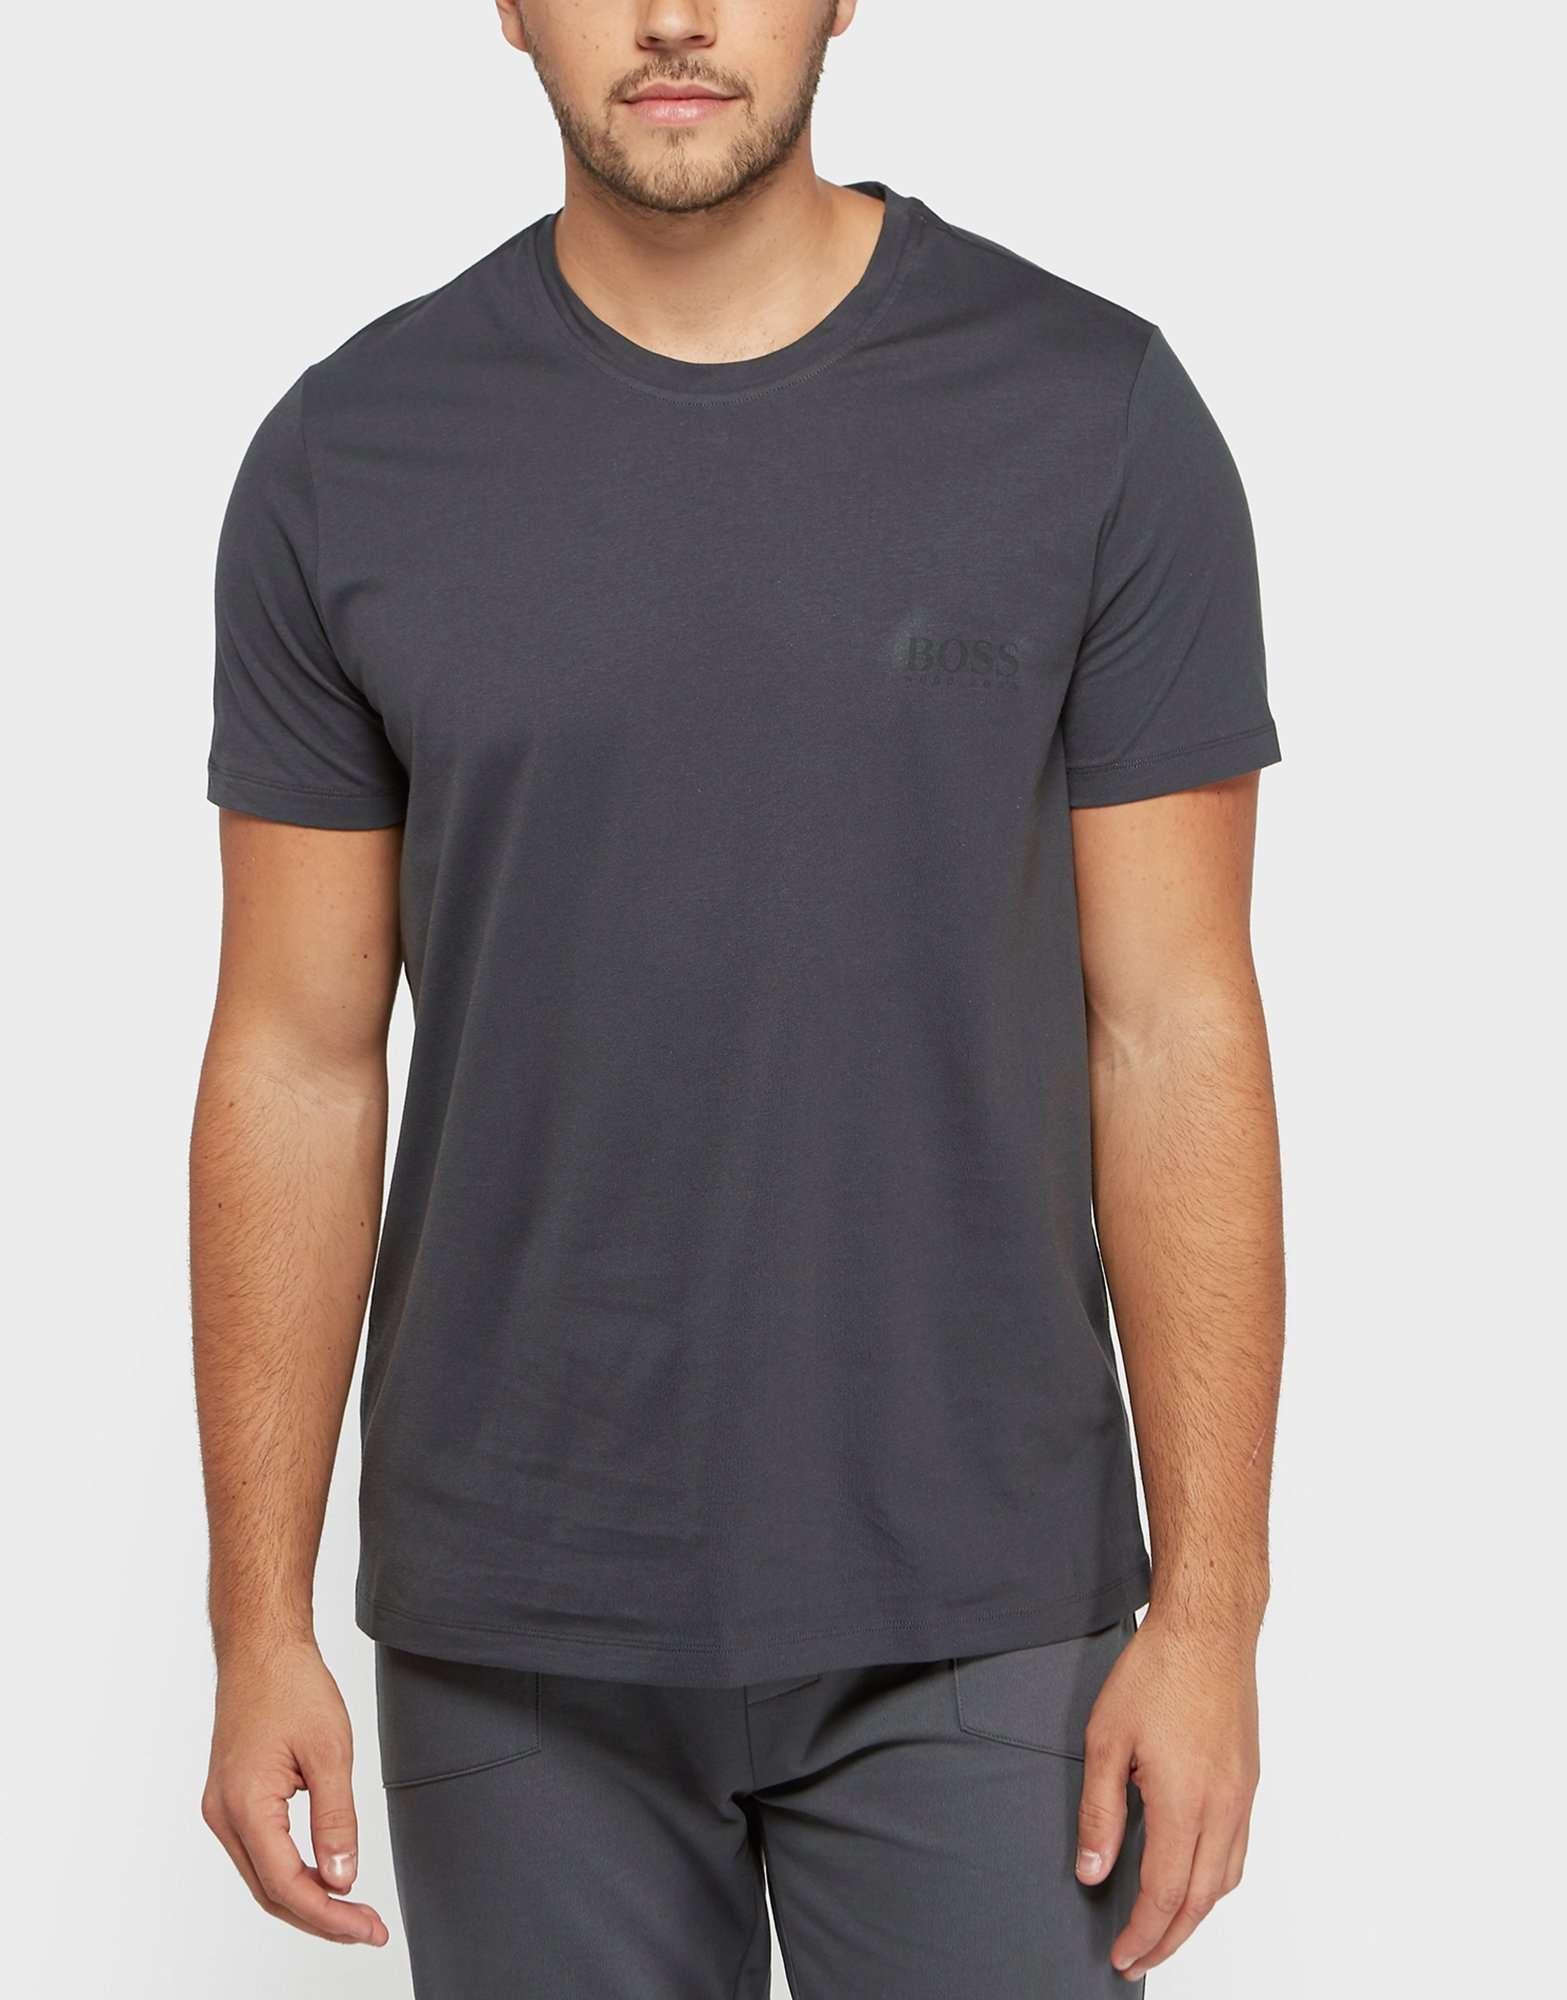 BOSS Tonal Crew T-Shirt